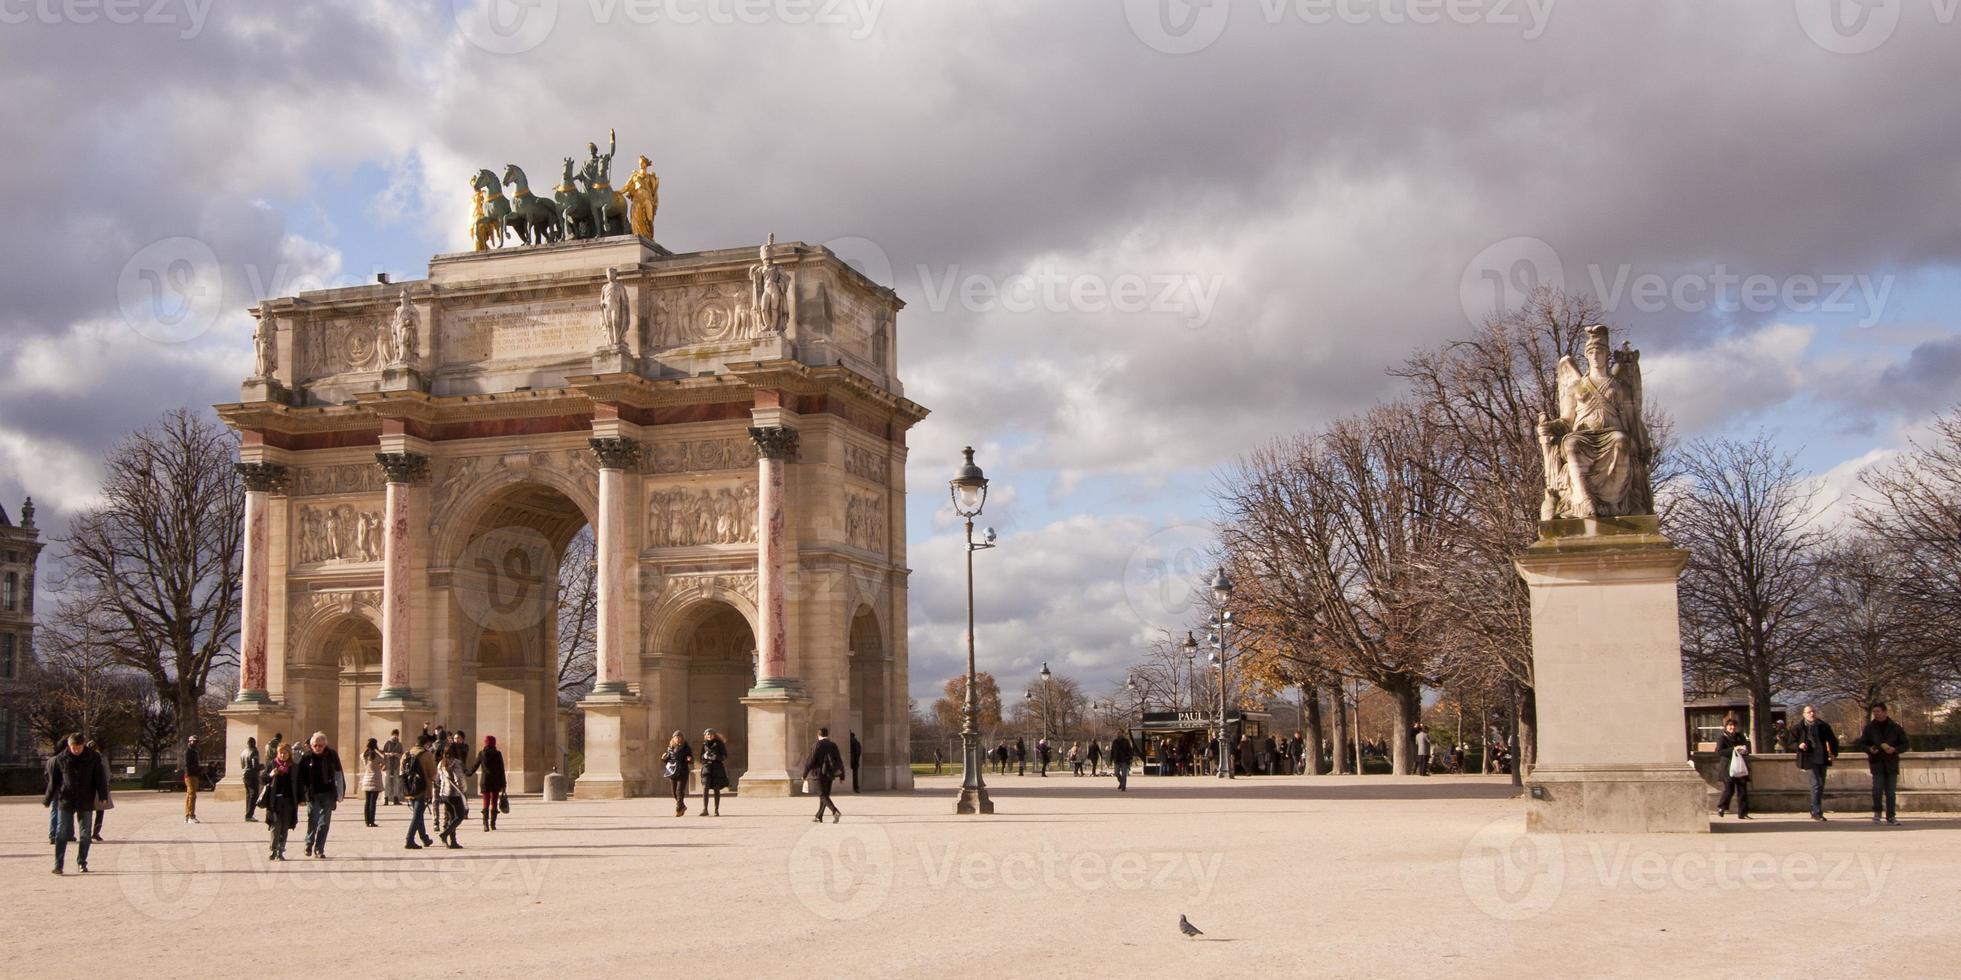 arco di trionfo, l'Arco di Trionfo, Parigi foto